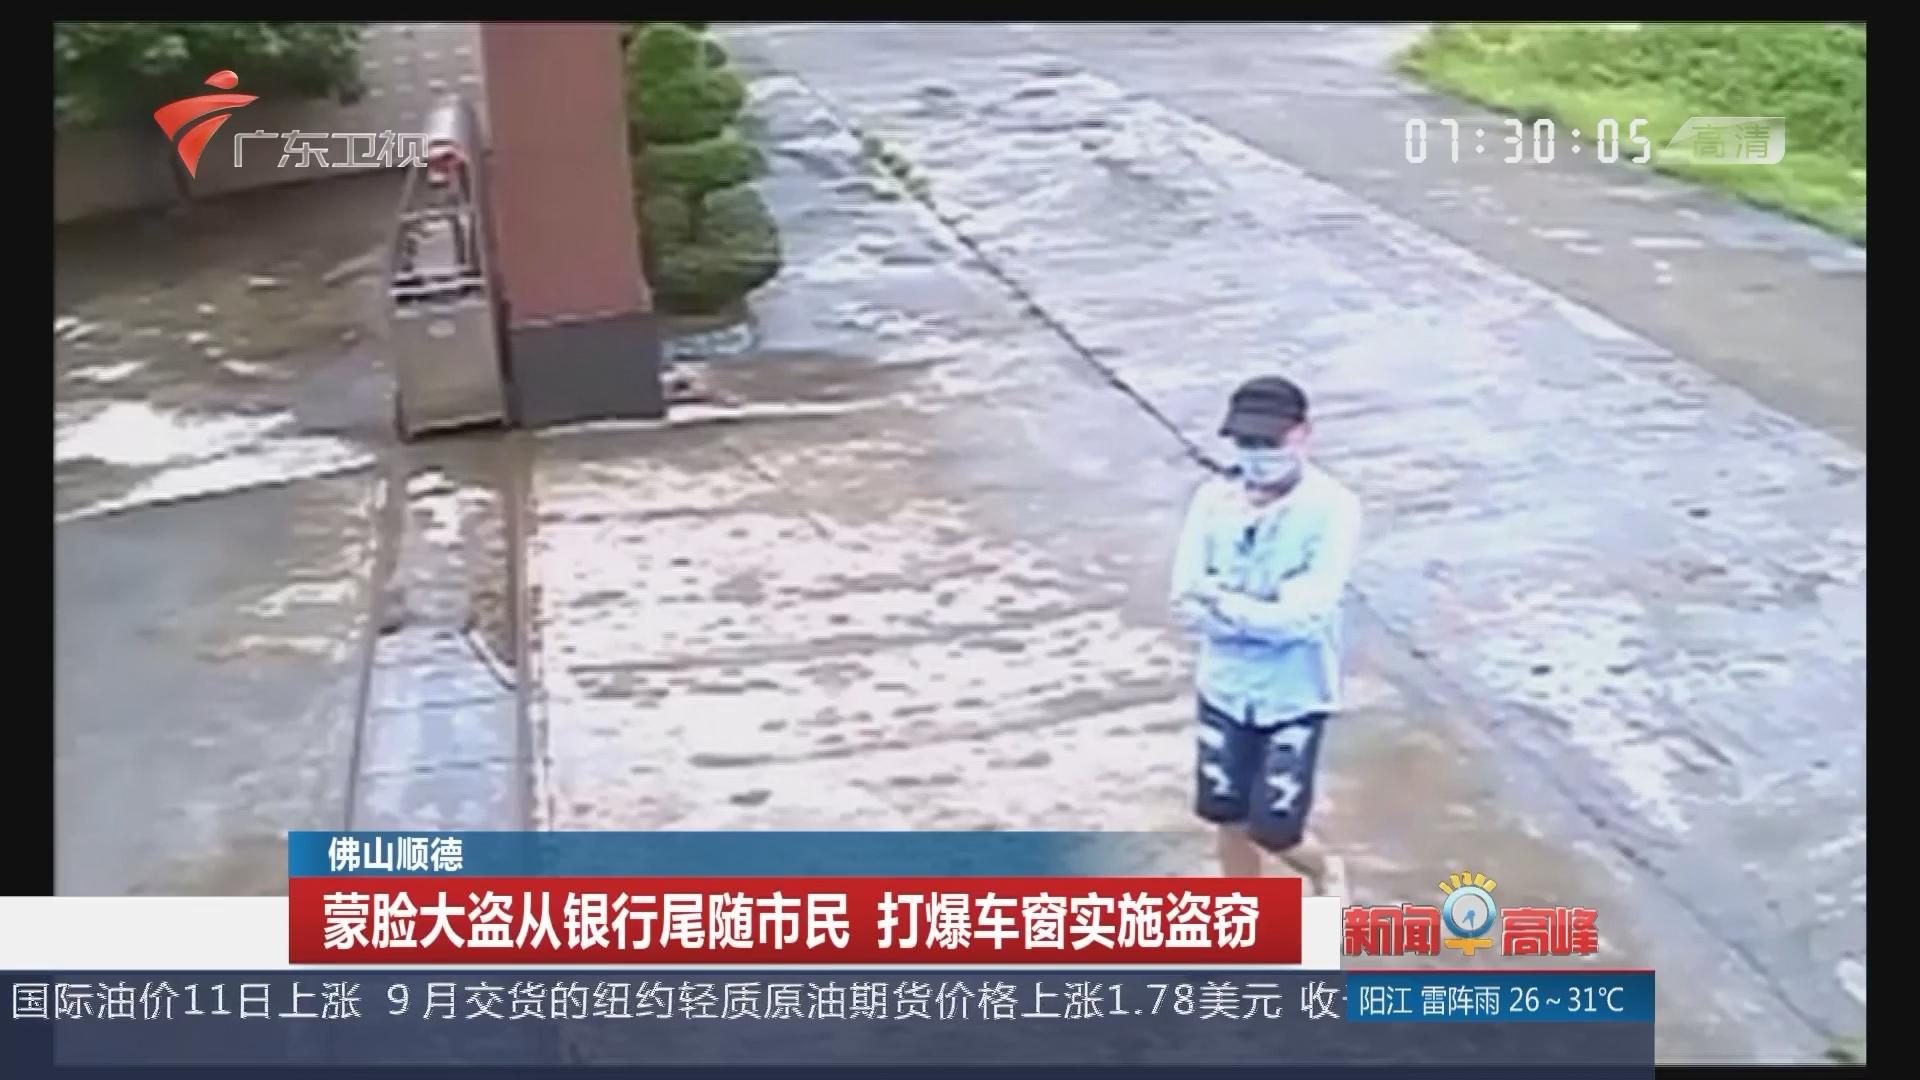 佛山顺德:蒙脸大盗从银行尾随市民 打爆车窗实施盗窃